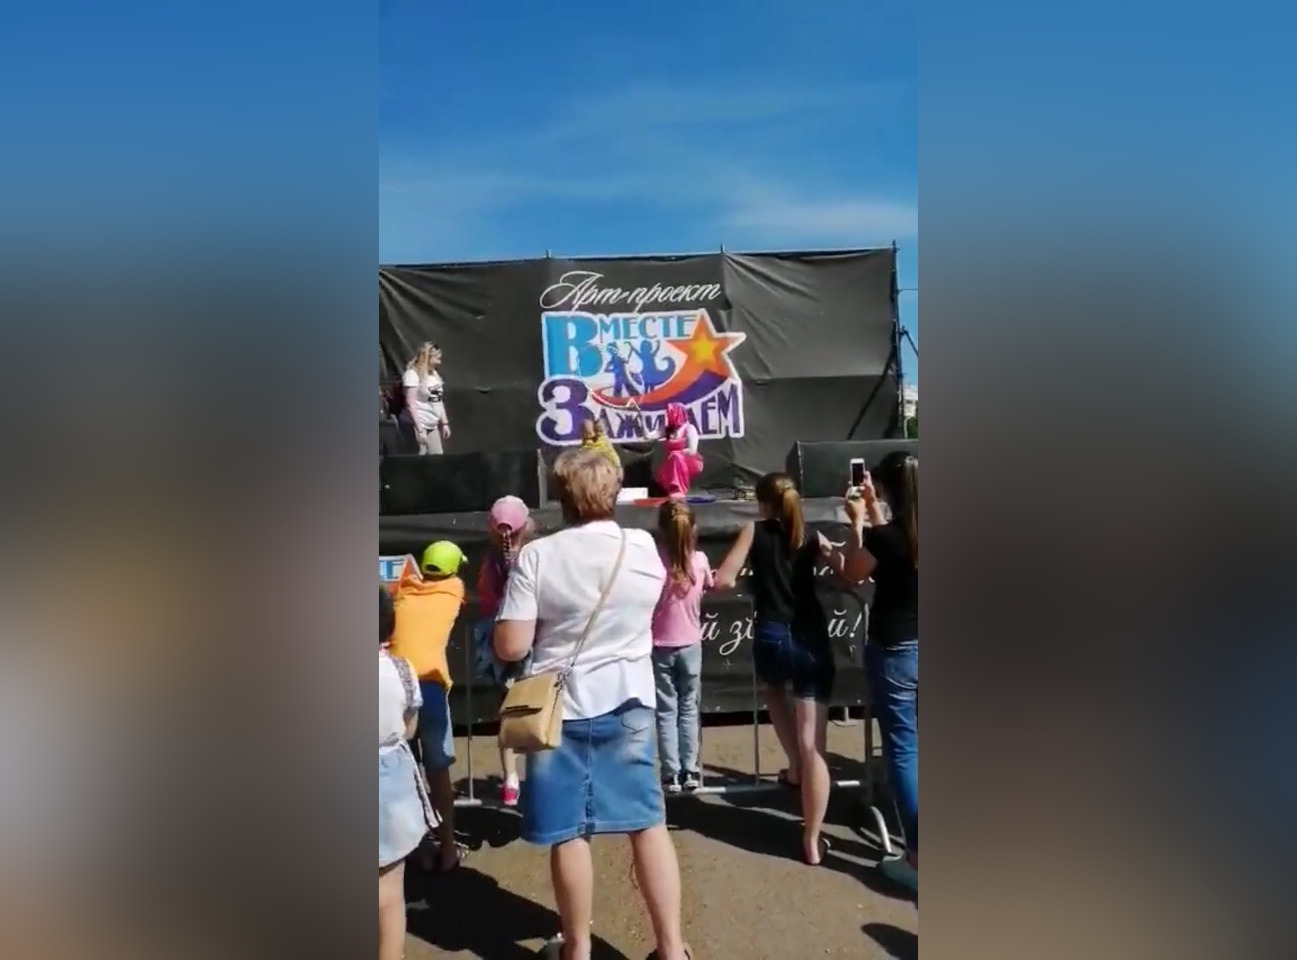 Испорченное настроение и детские слезы: Жители Уфы возмущены проведением «Фестиваля мыльных пузырей»